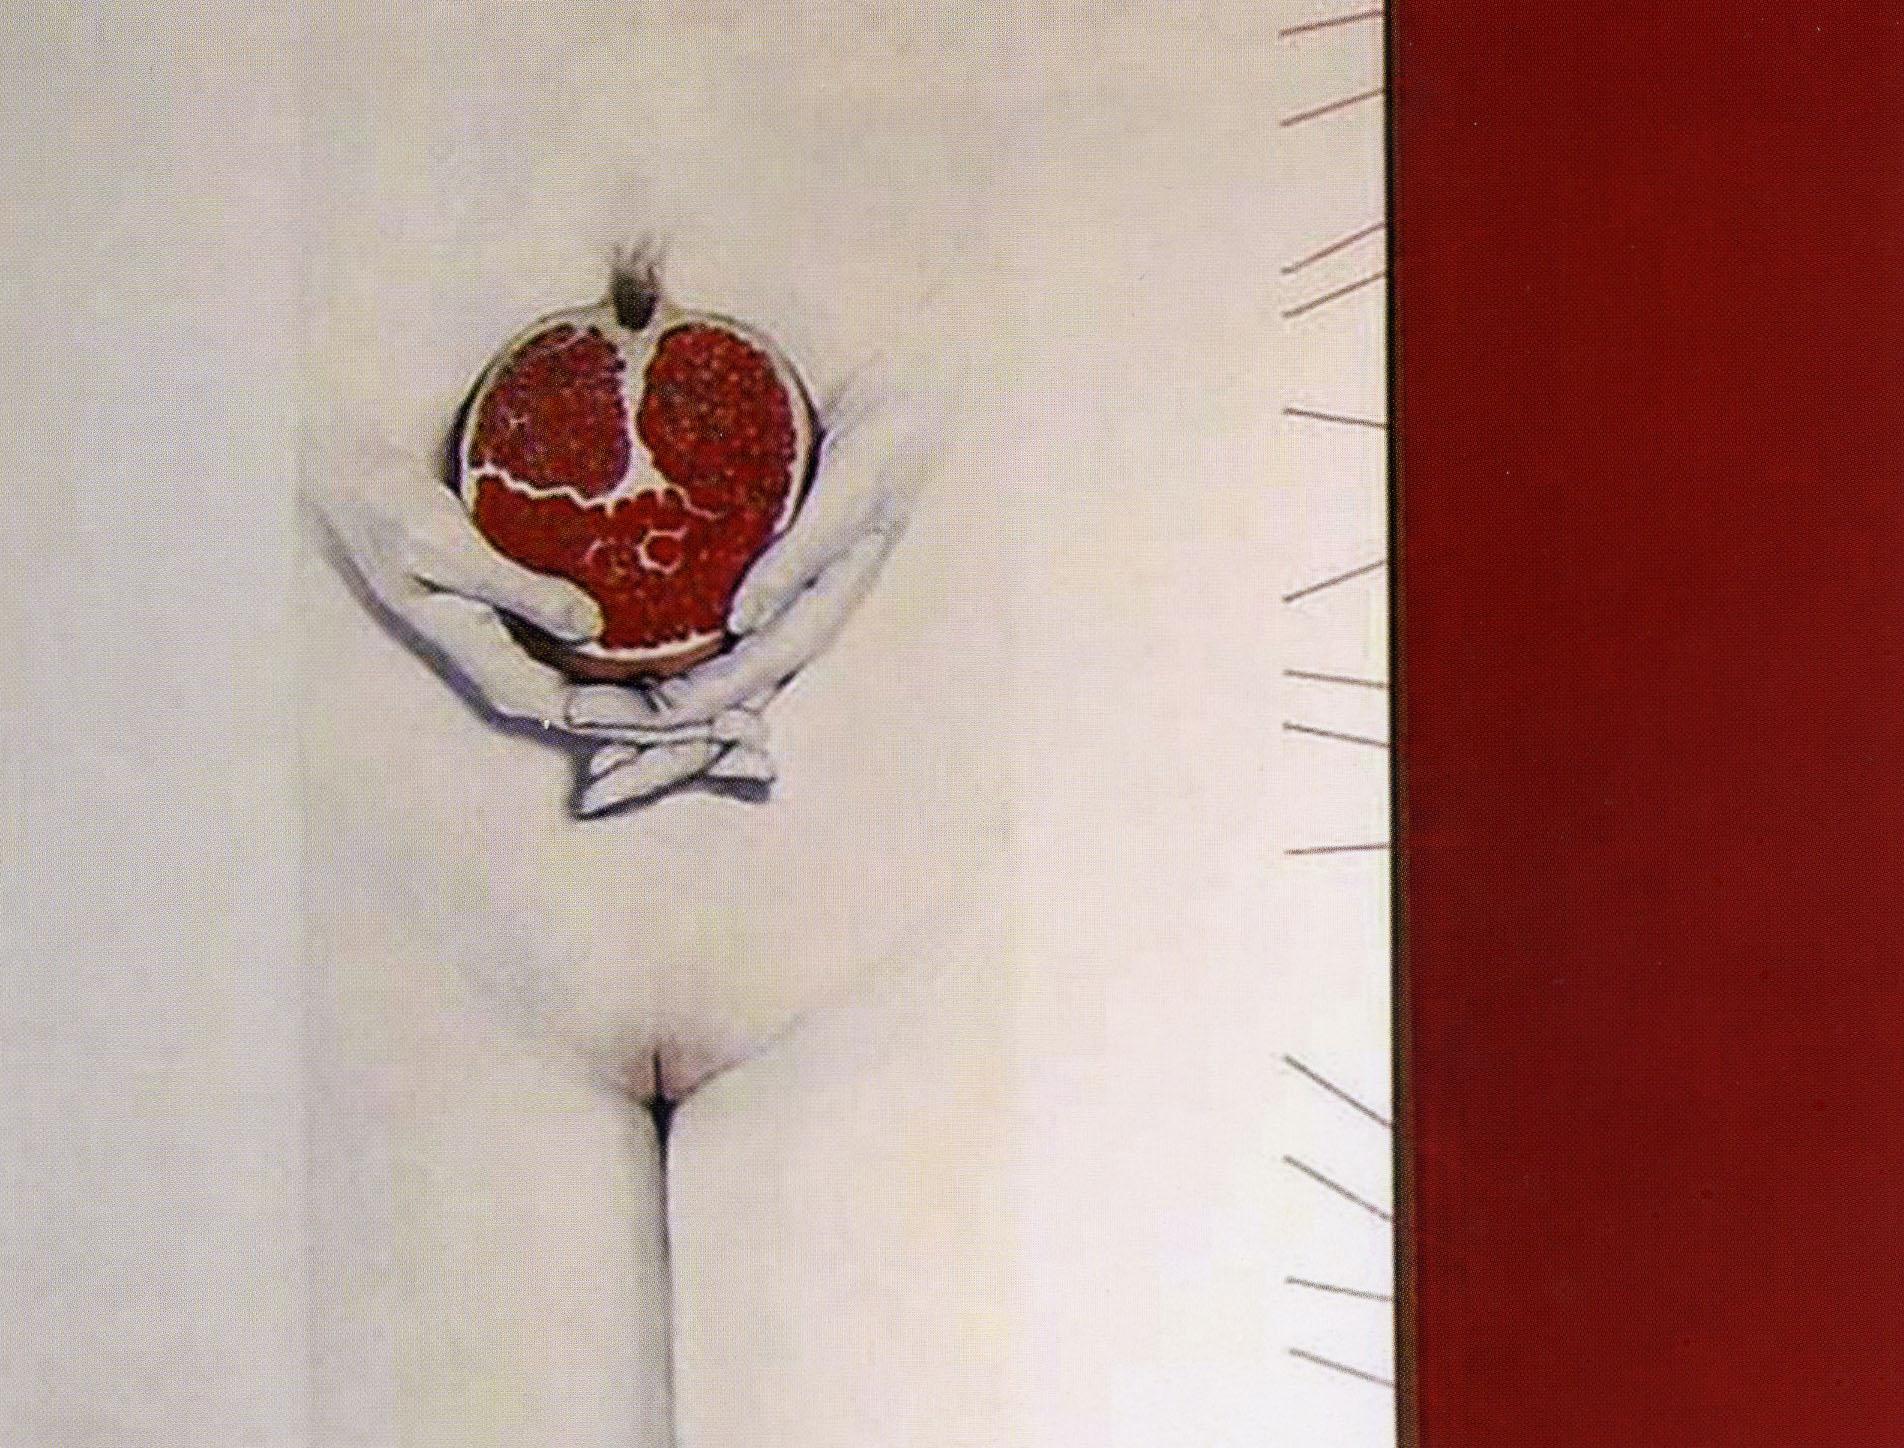 Angela Viola - Desiderio d'amore